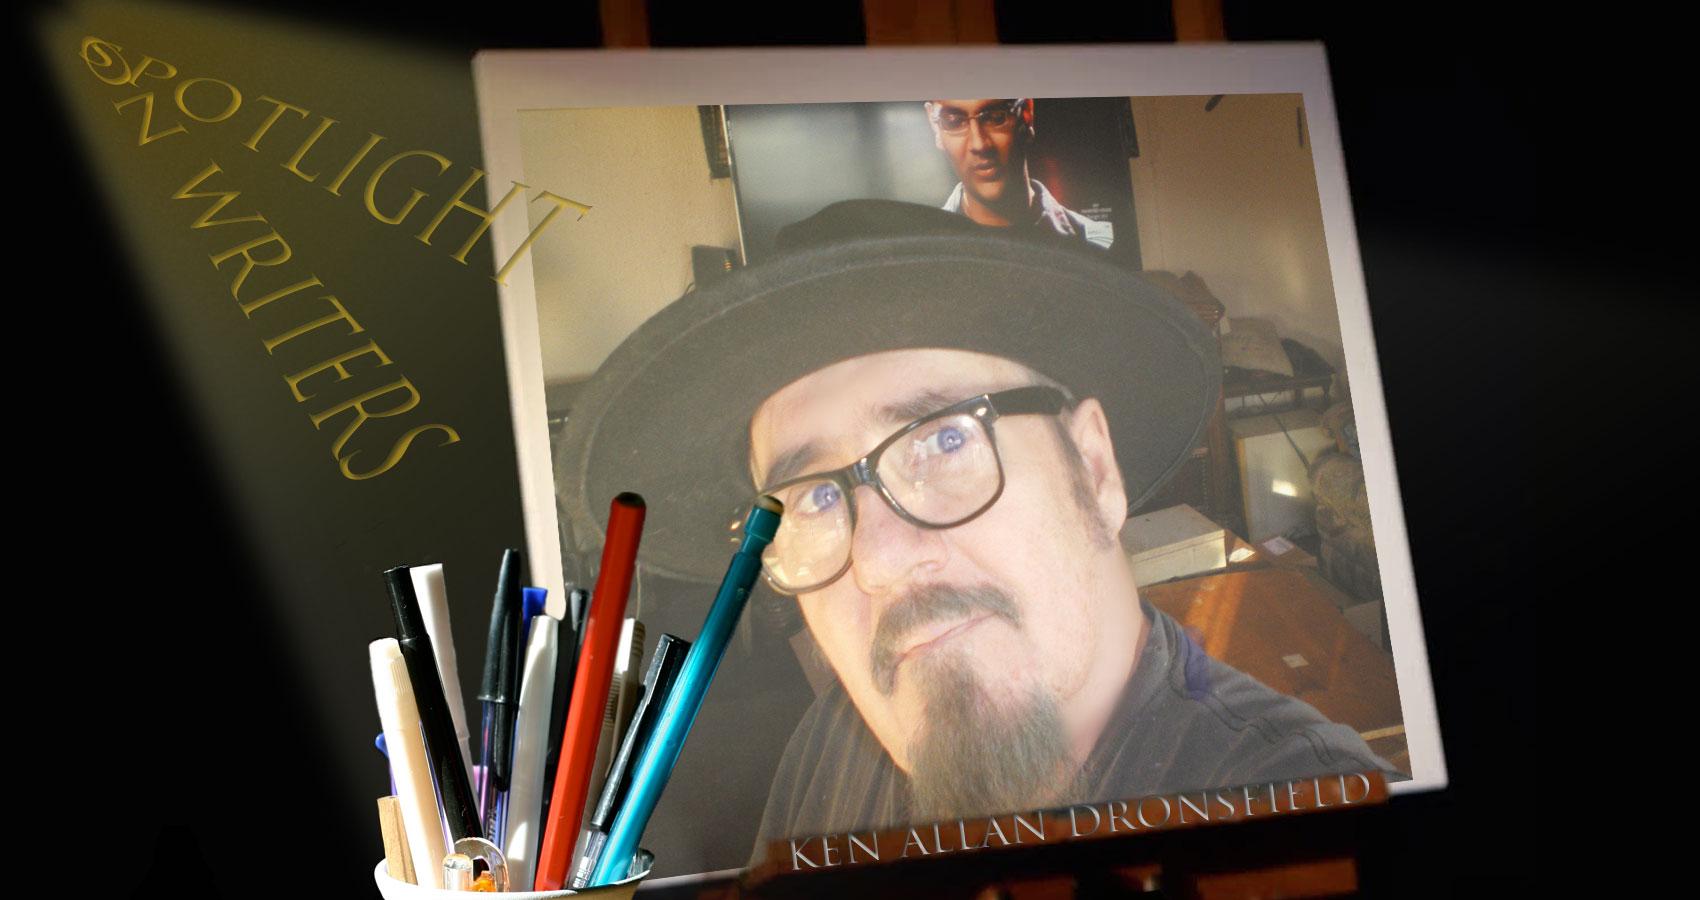 Spotlight On Writers -Ken Allan Dronsfield at Spillwords.com